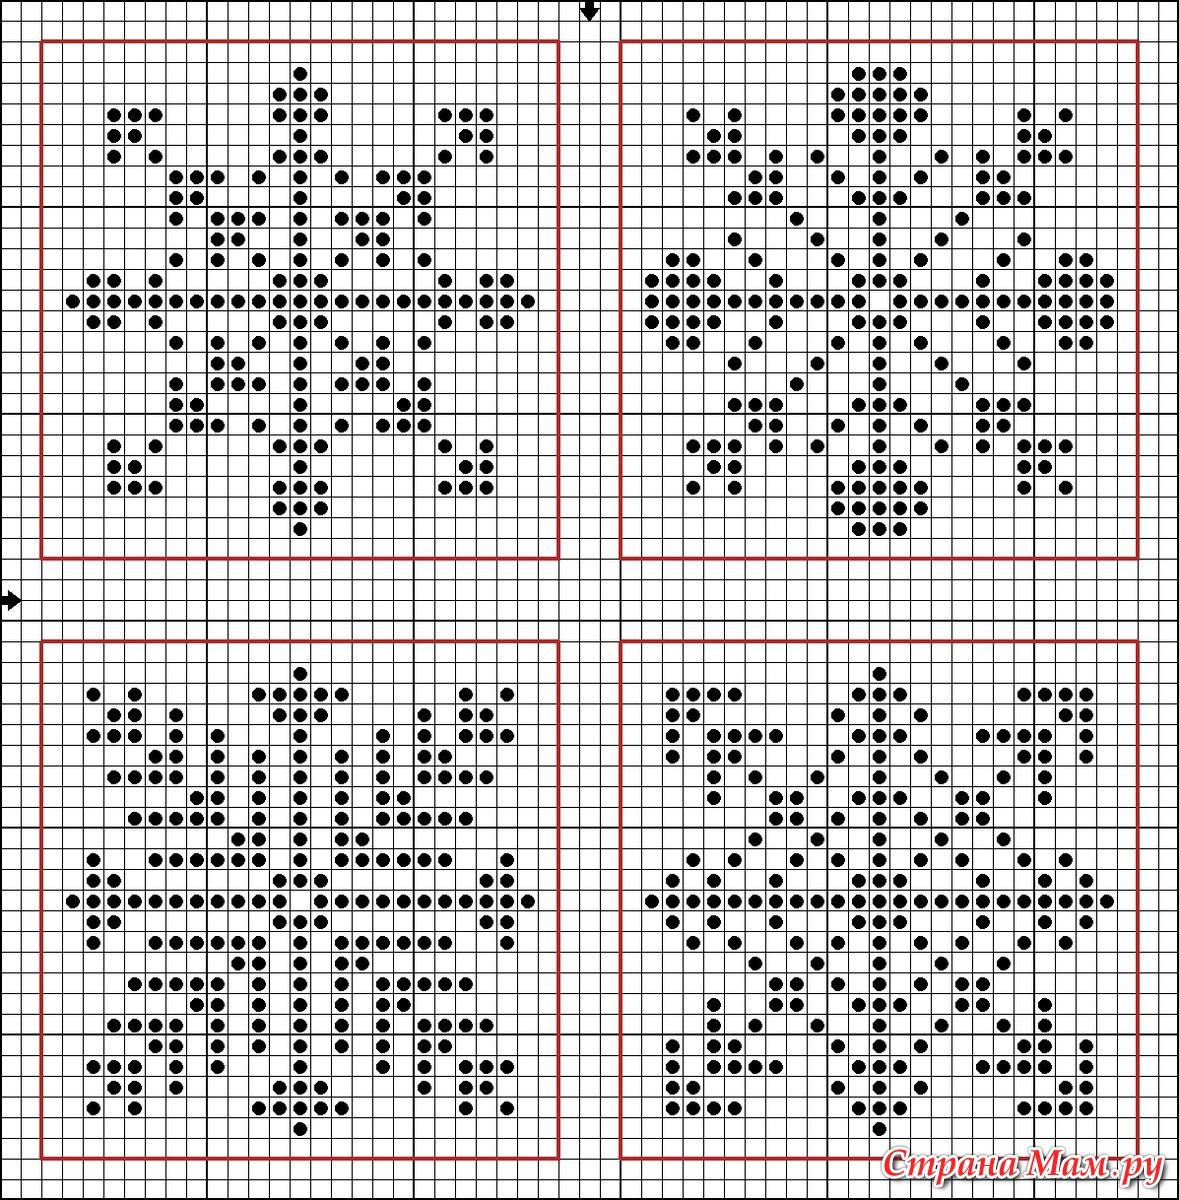 Рисунки на рукавиц схемы с цветами 29 фотография